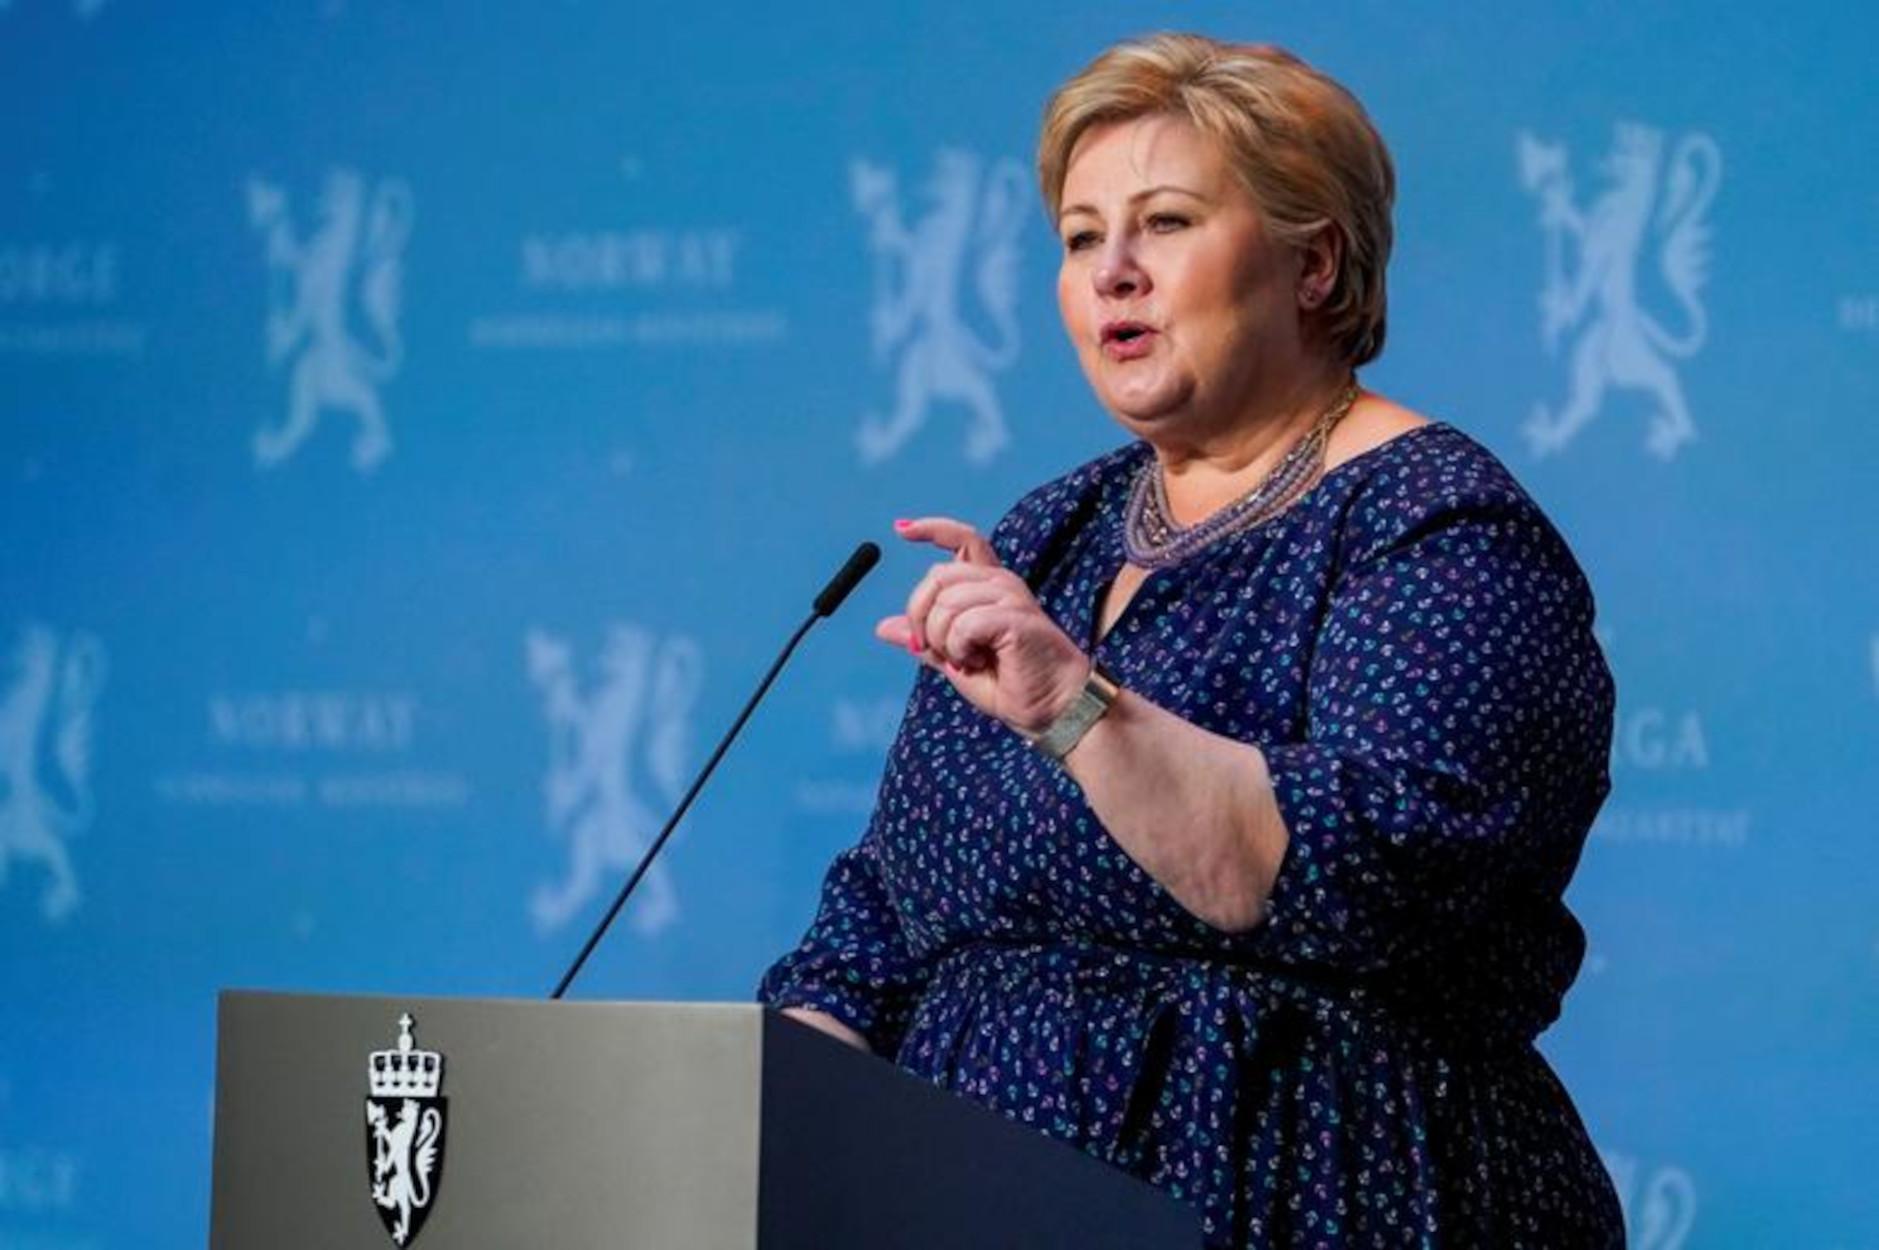 Κορονοϊός: «Τσουχτερό» το πρόστιμο στην πρωθυπουργό της Νορβηγίας για το κορονο-πάρτι γενεθλίων